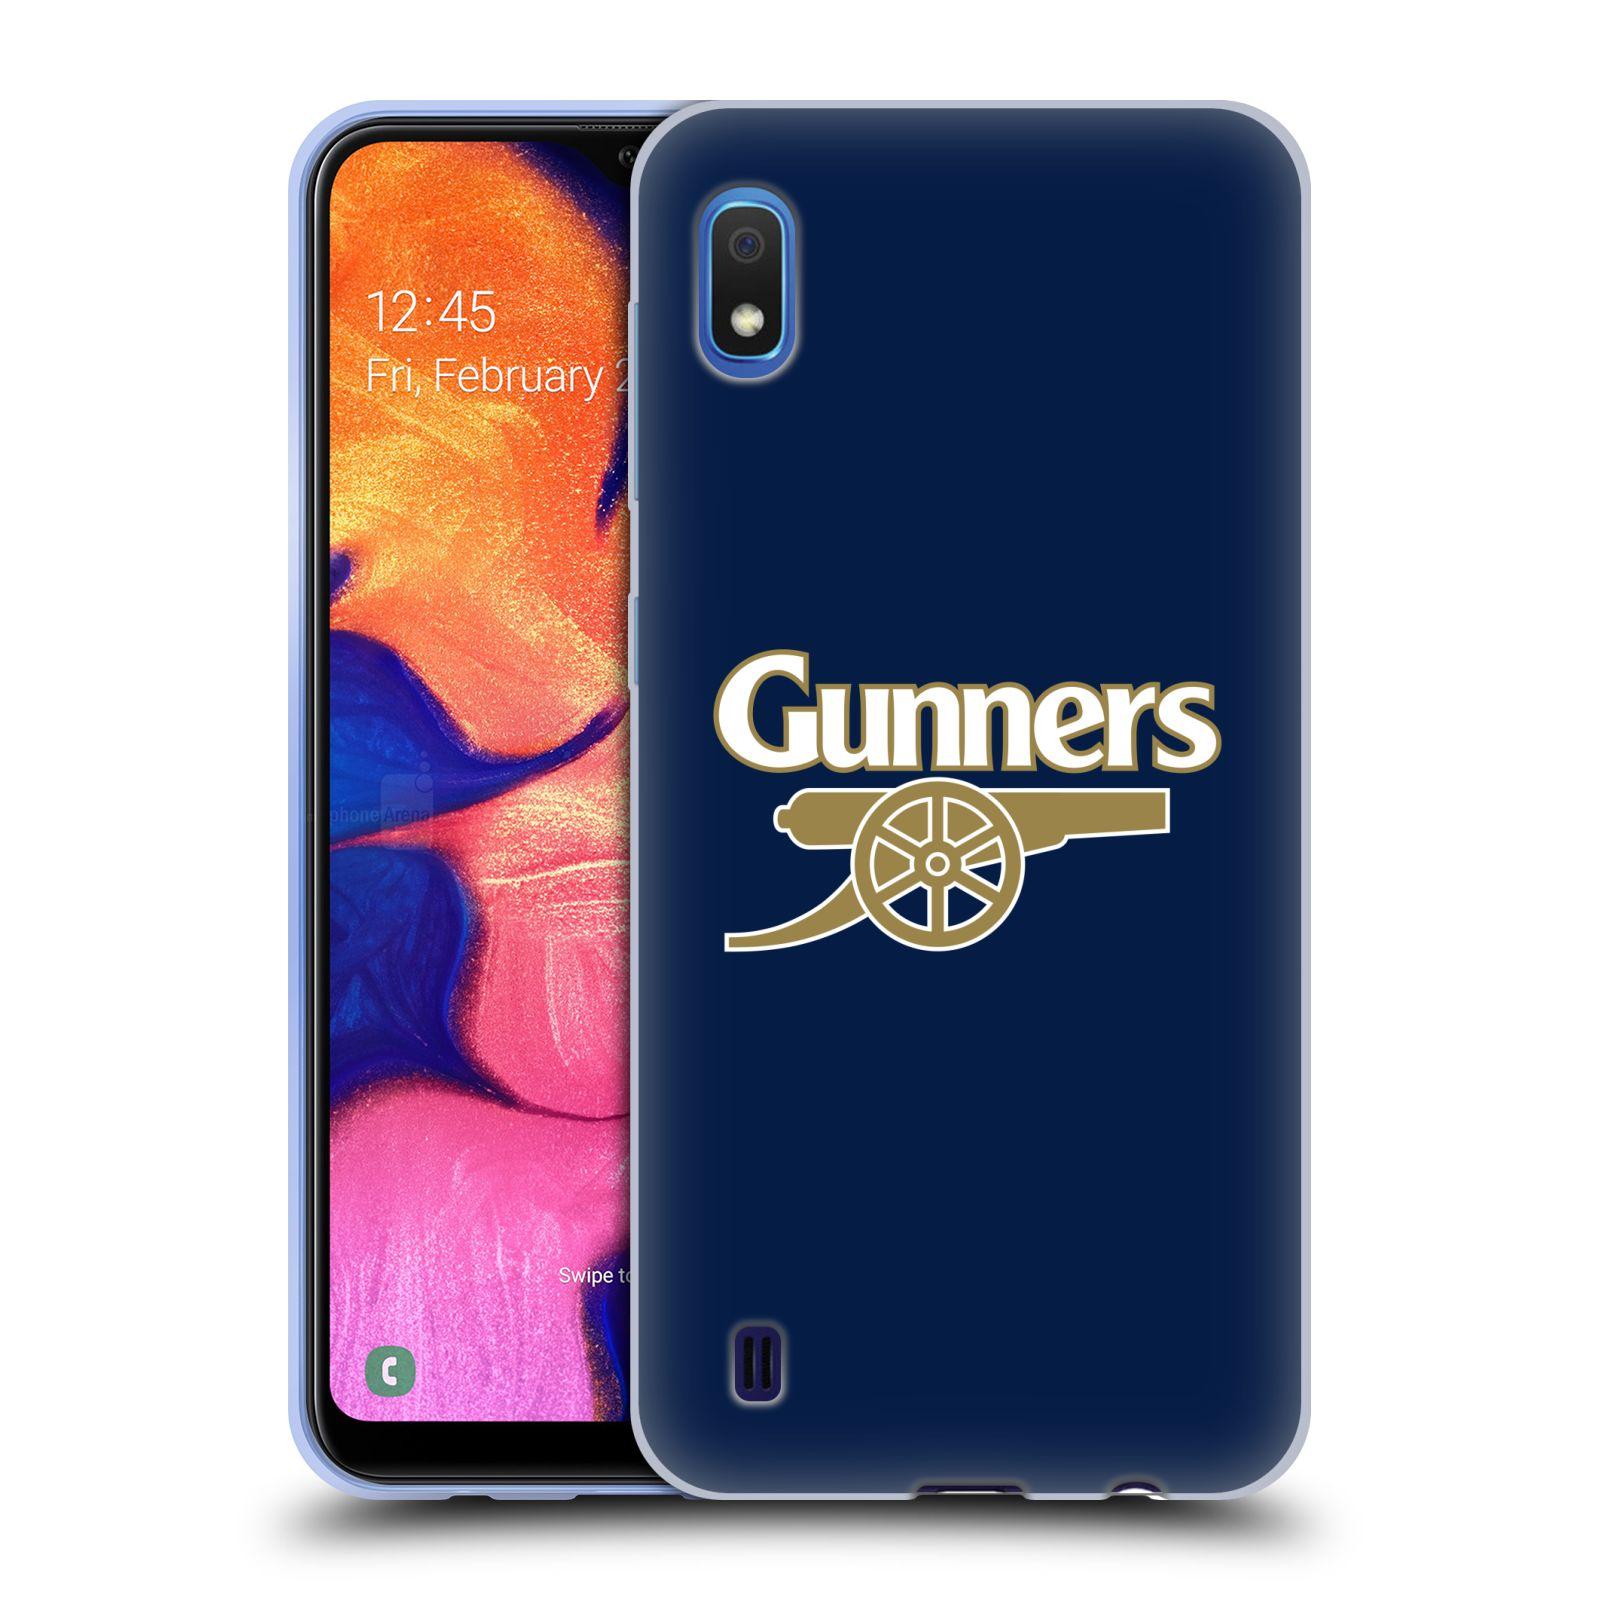 Silikonové pouzdro na mobil Samsung Galaxy A10 - Head Case - Arsenal FC - Gunners